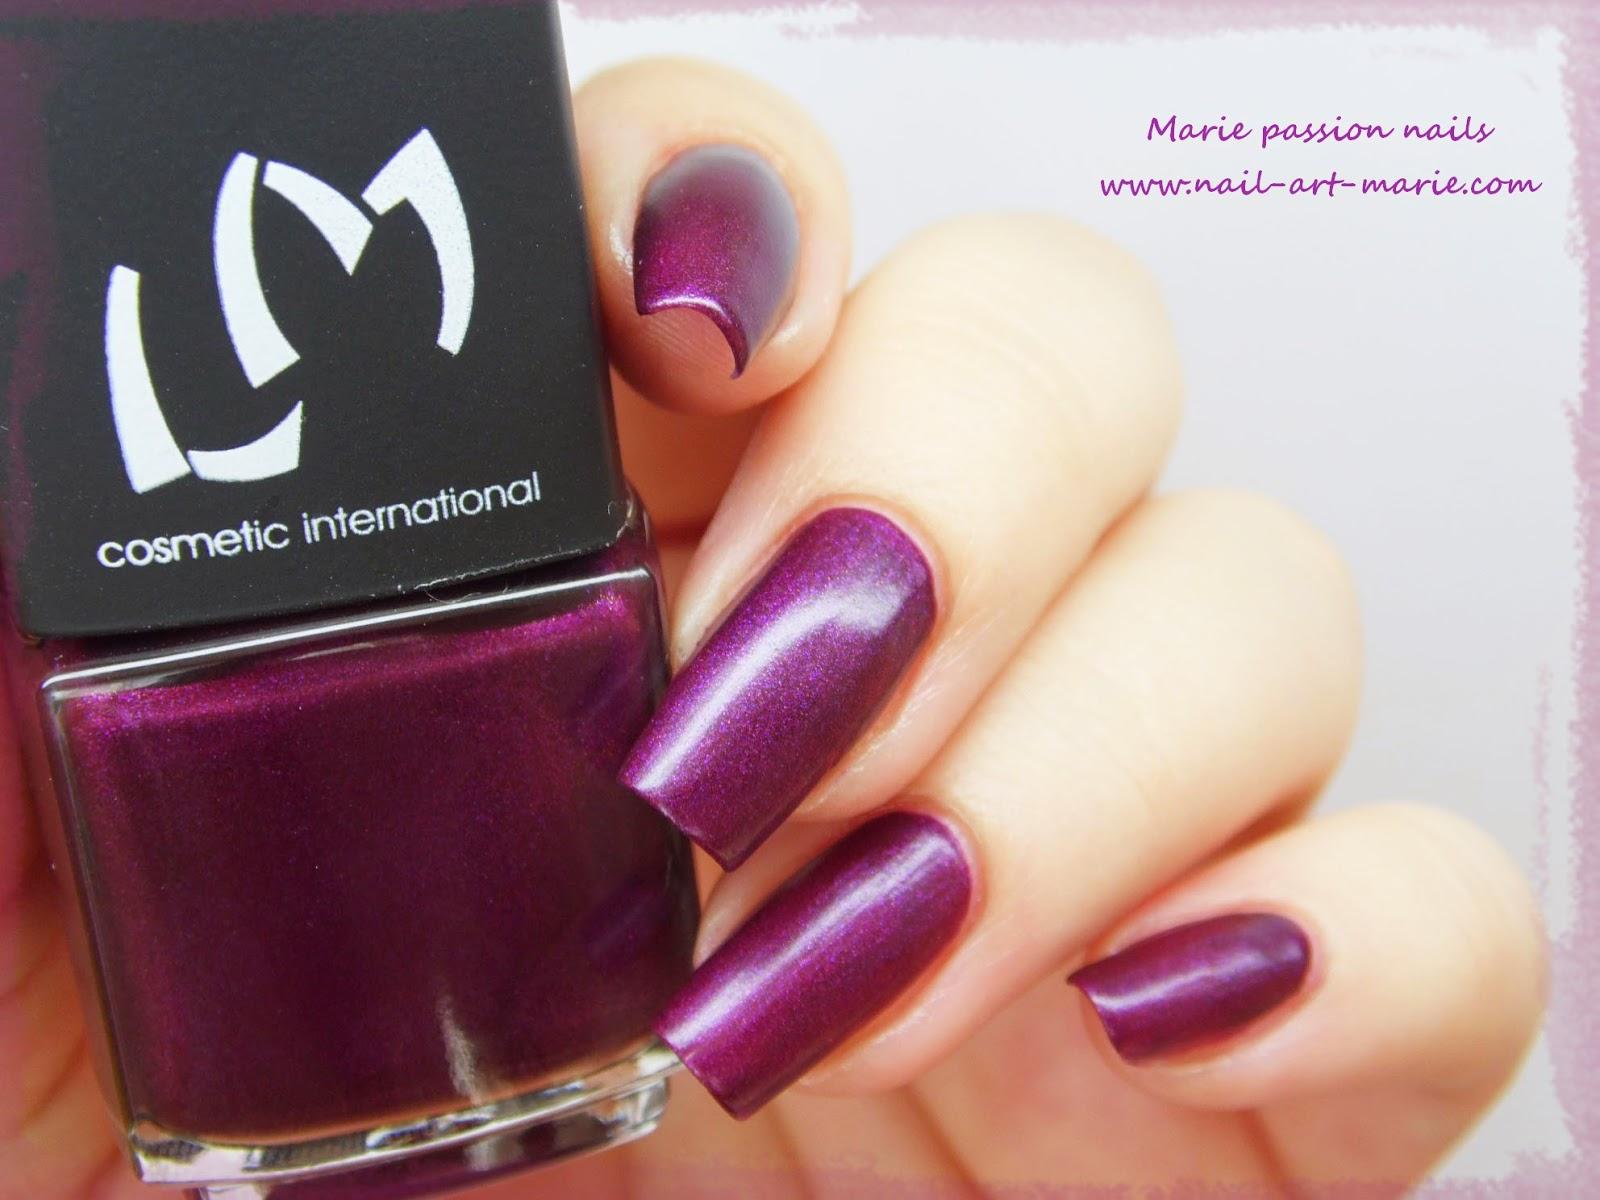 LM Cosmetic Veloura8